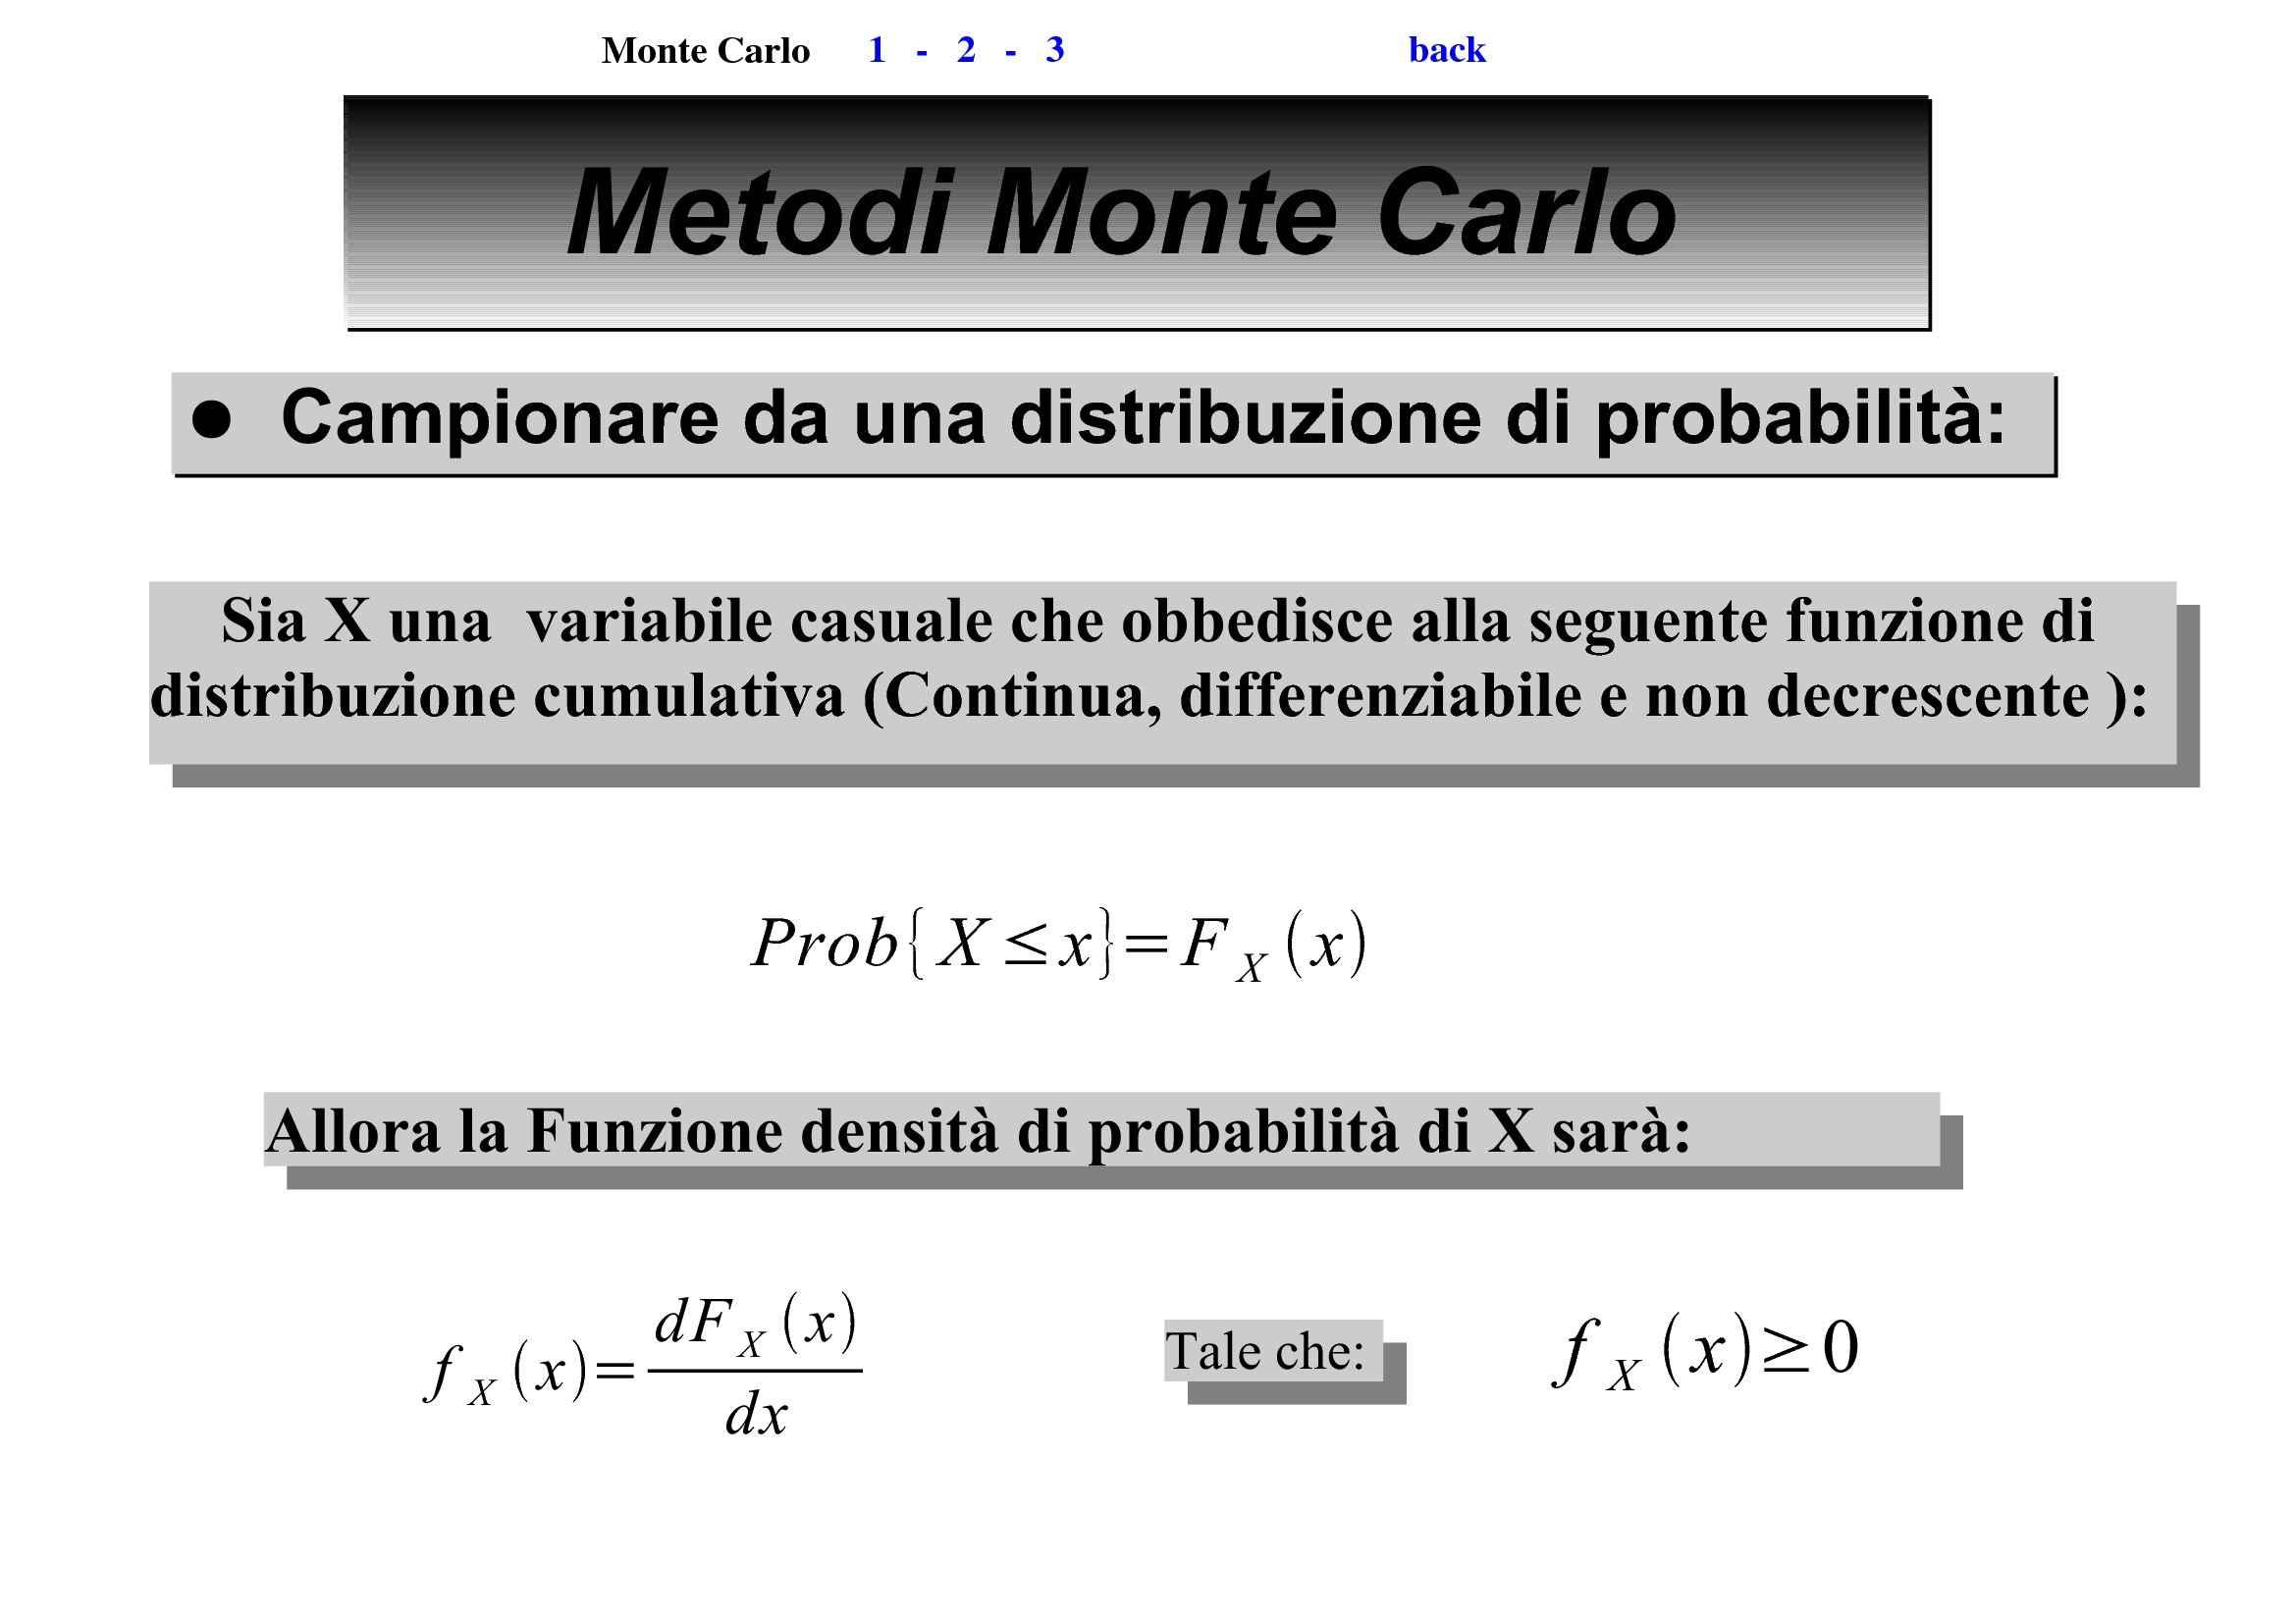 Metodo Monte Carlo - Distribuzione di probabilità